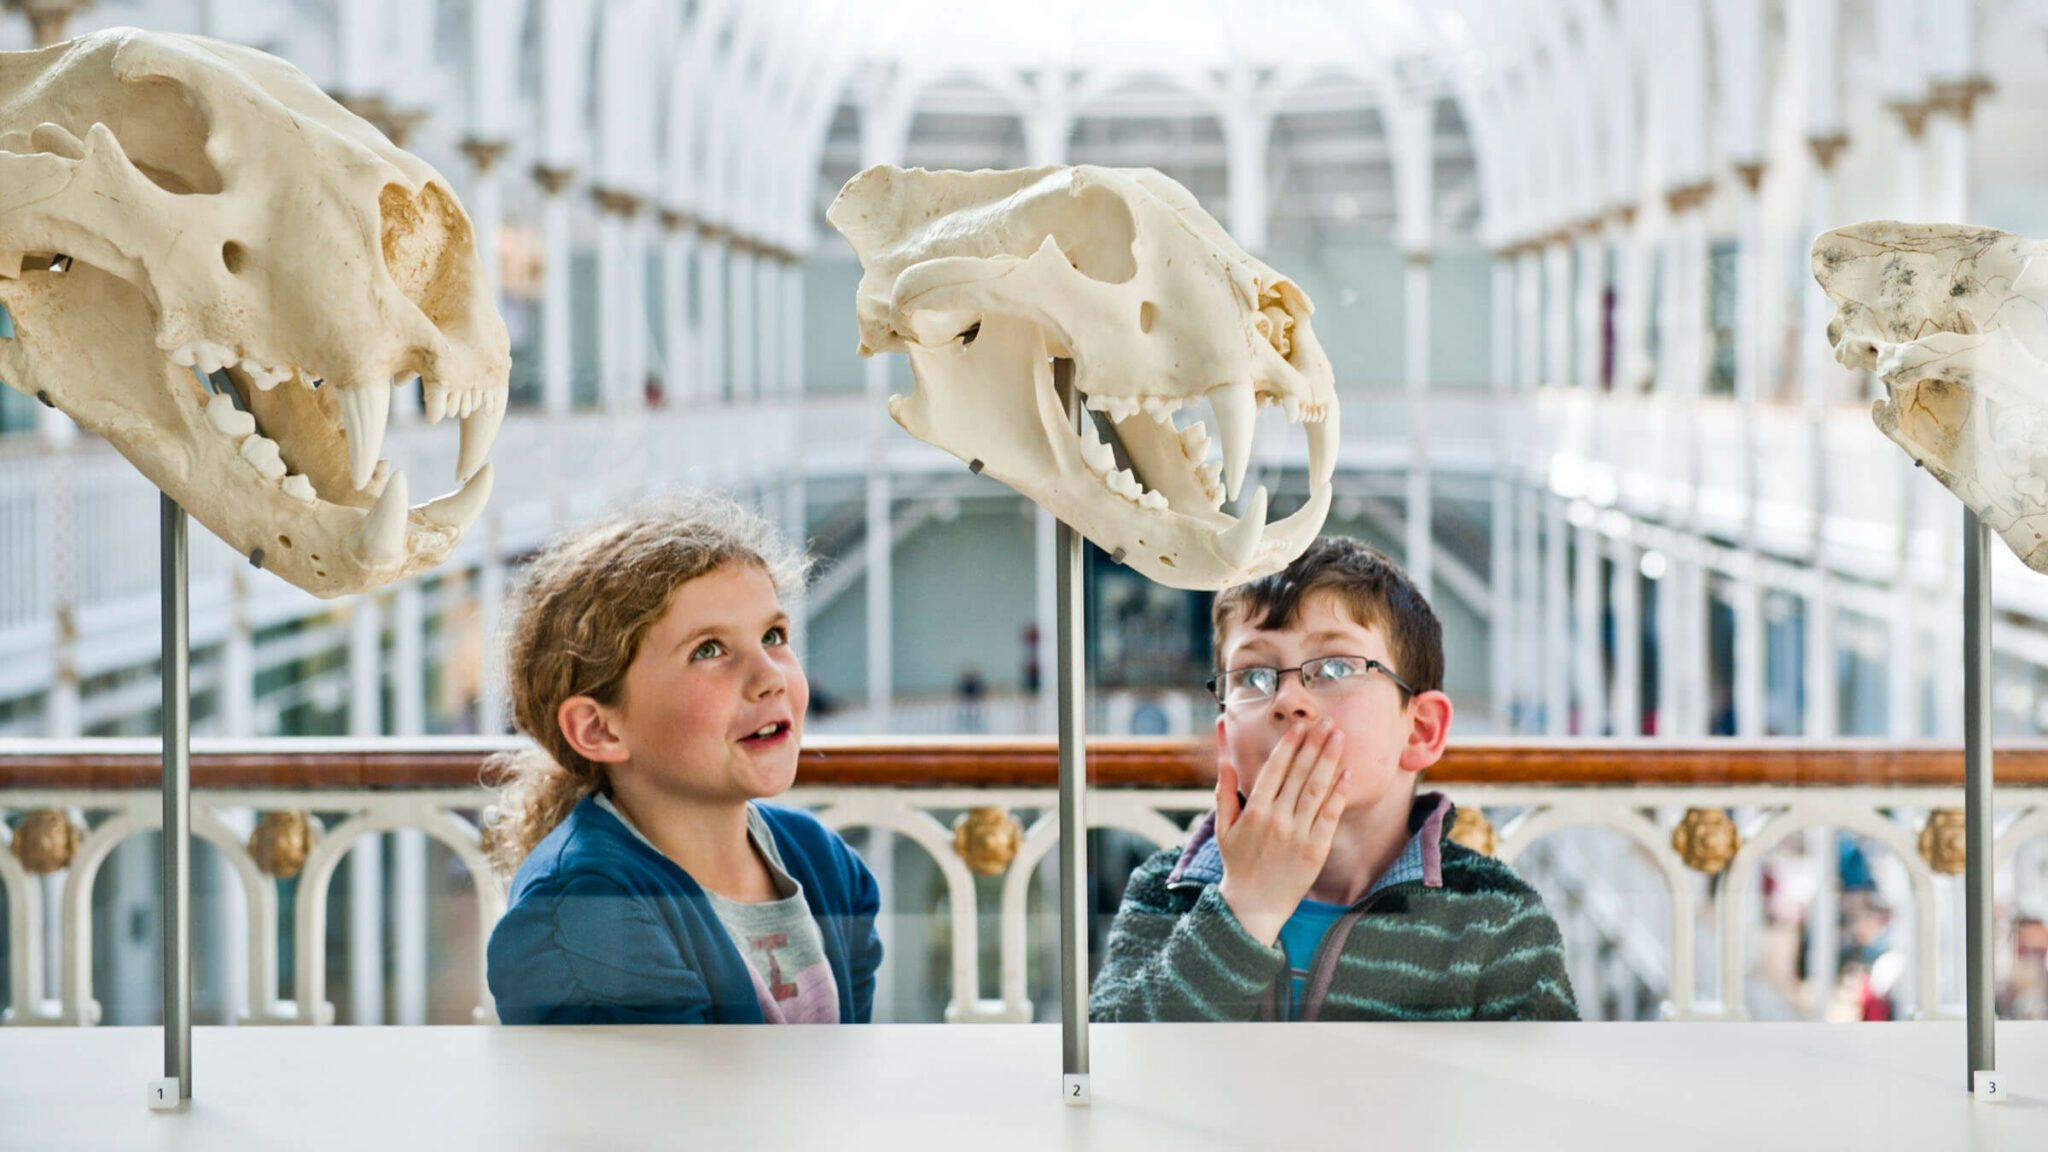 παιδικό μουσείο